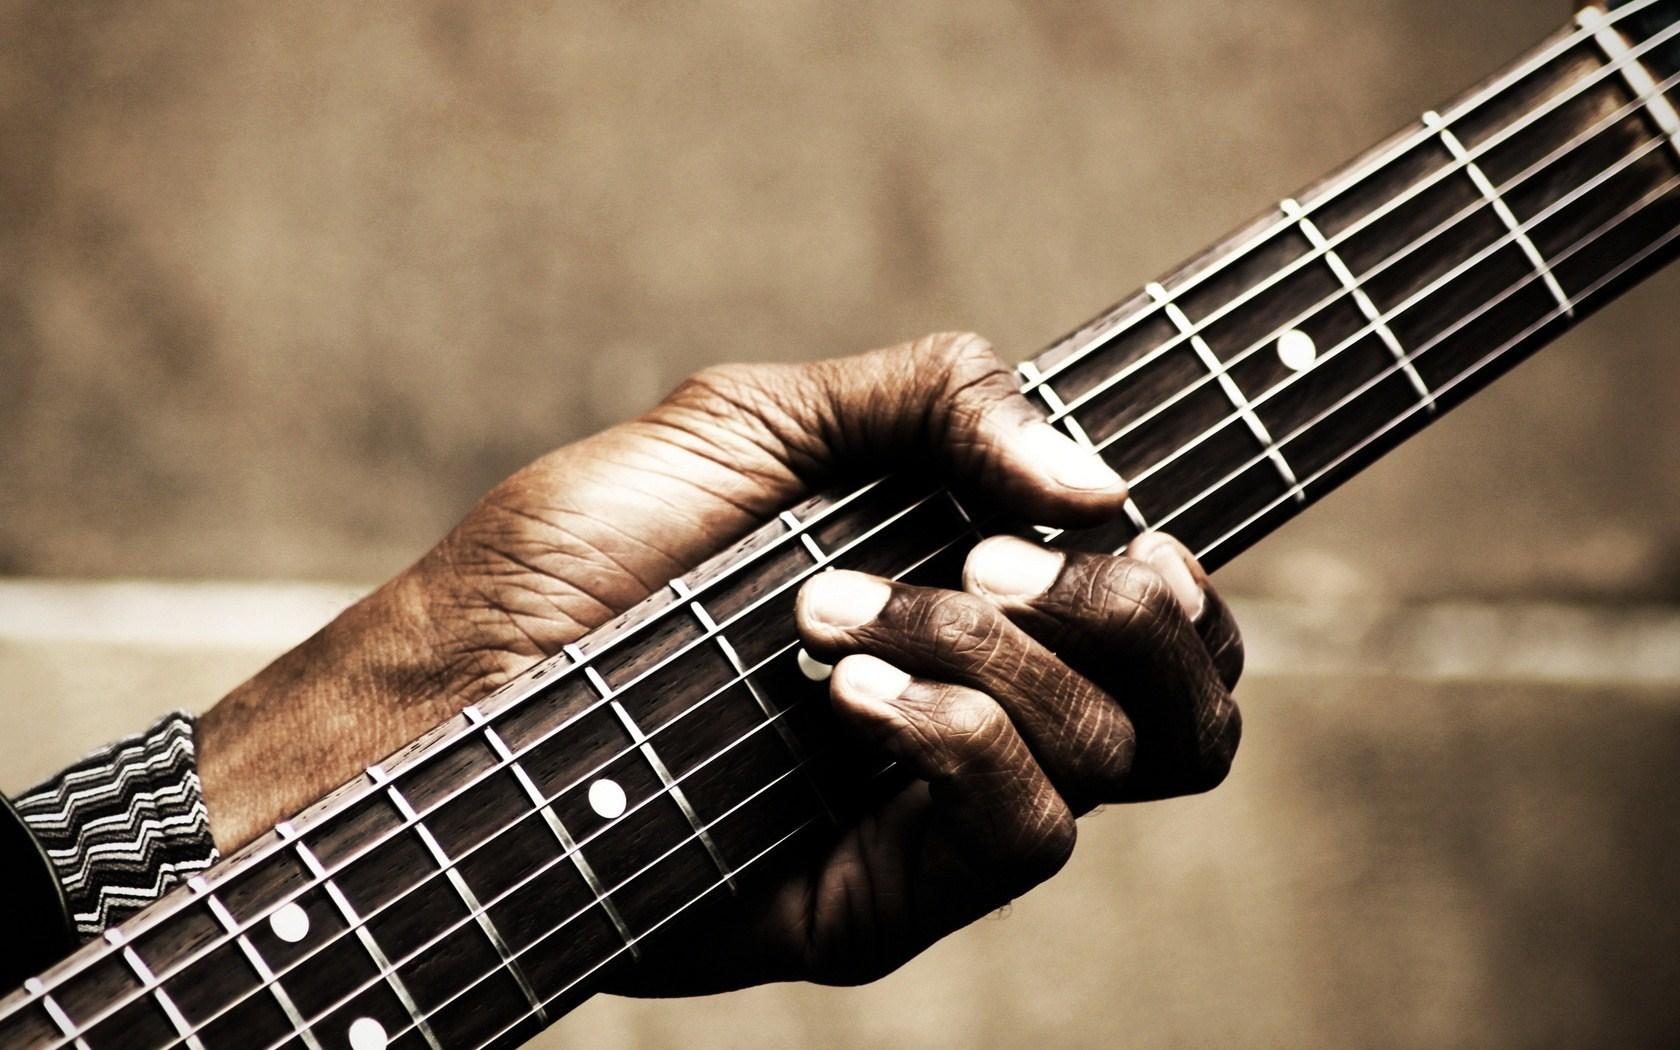 Guitar Hand Music